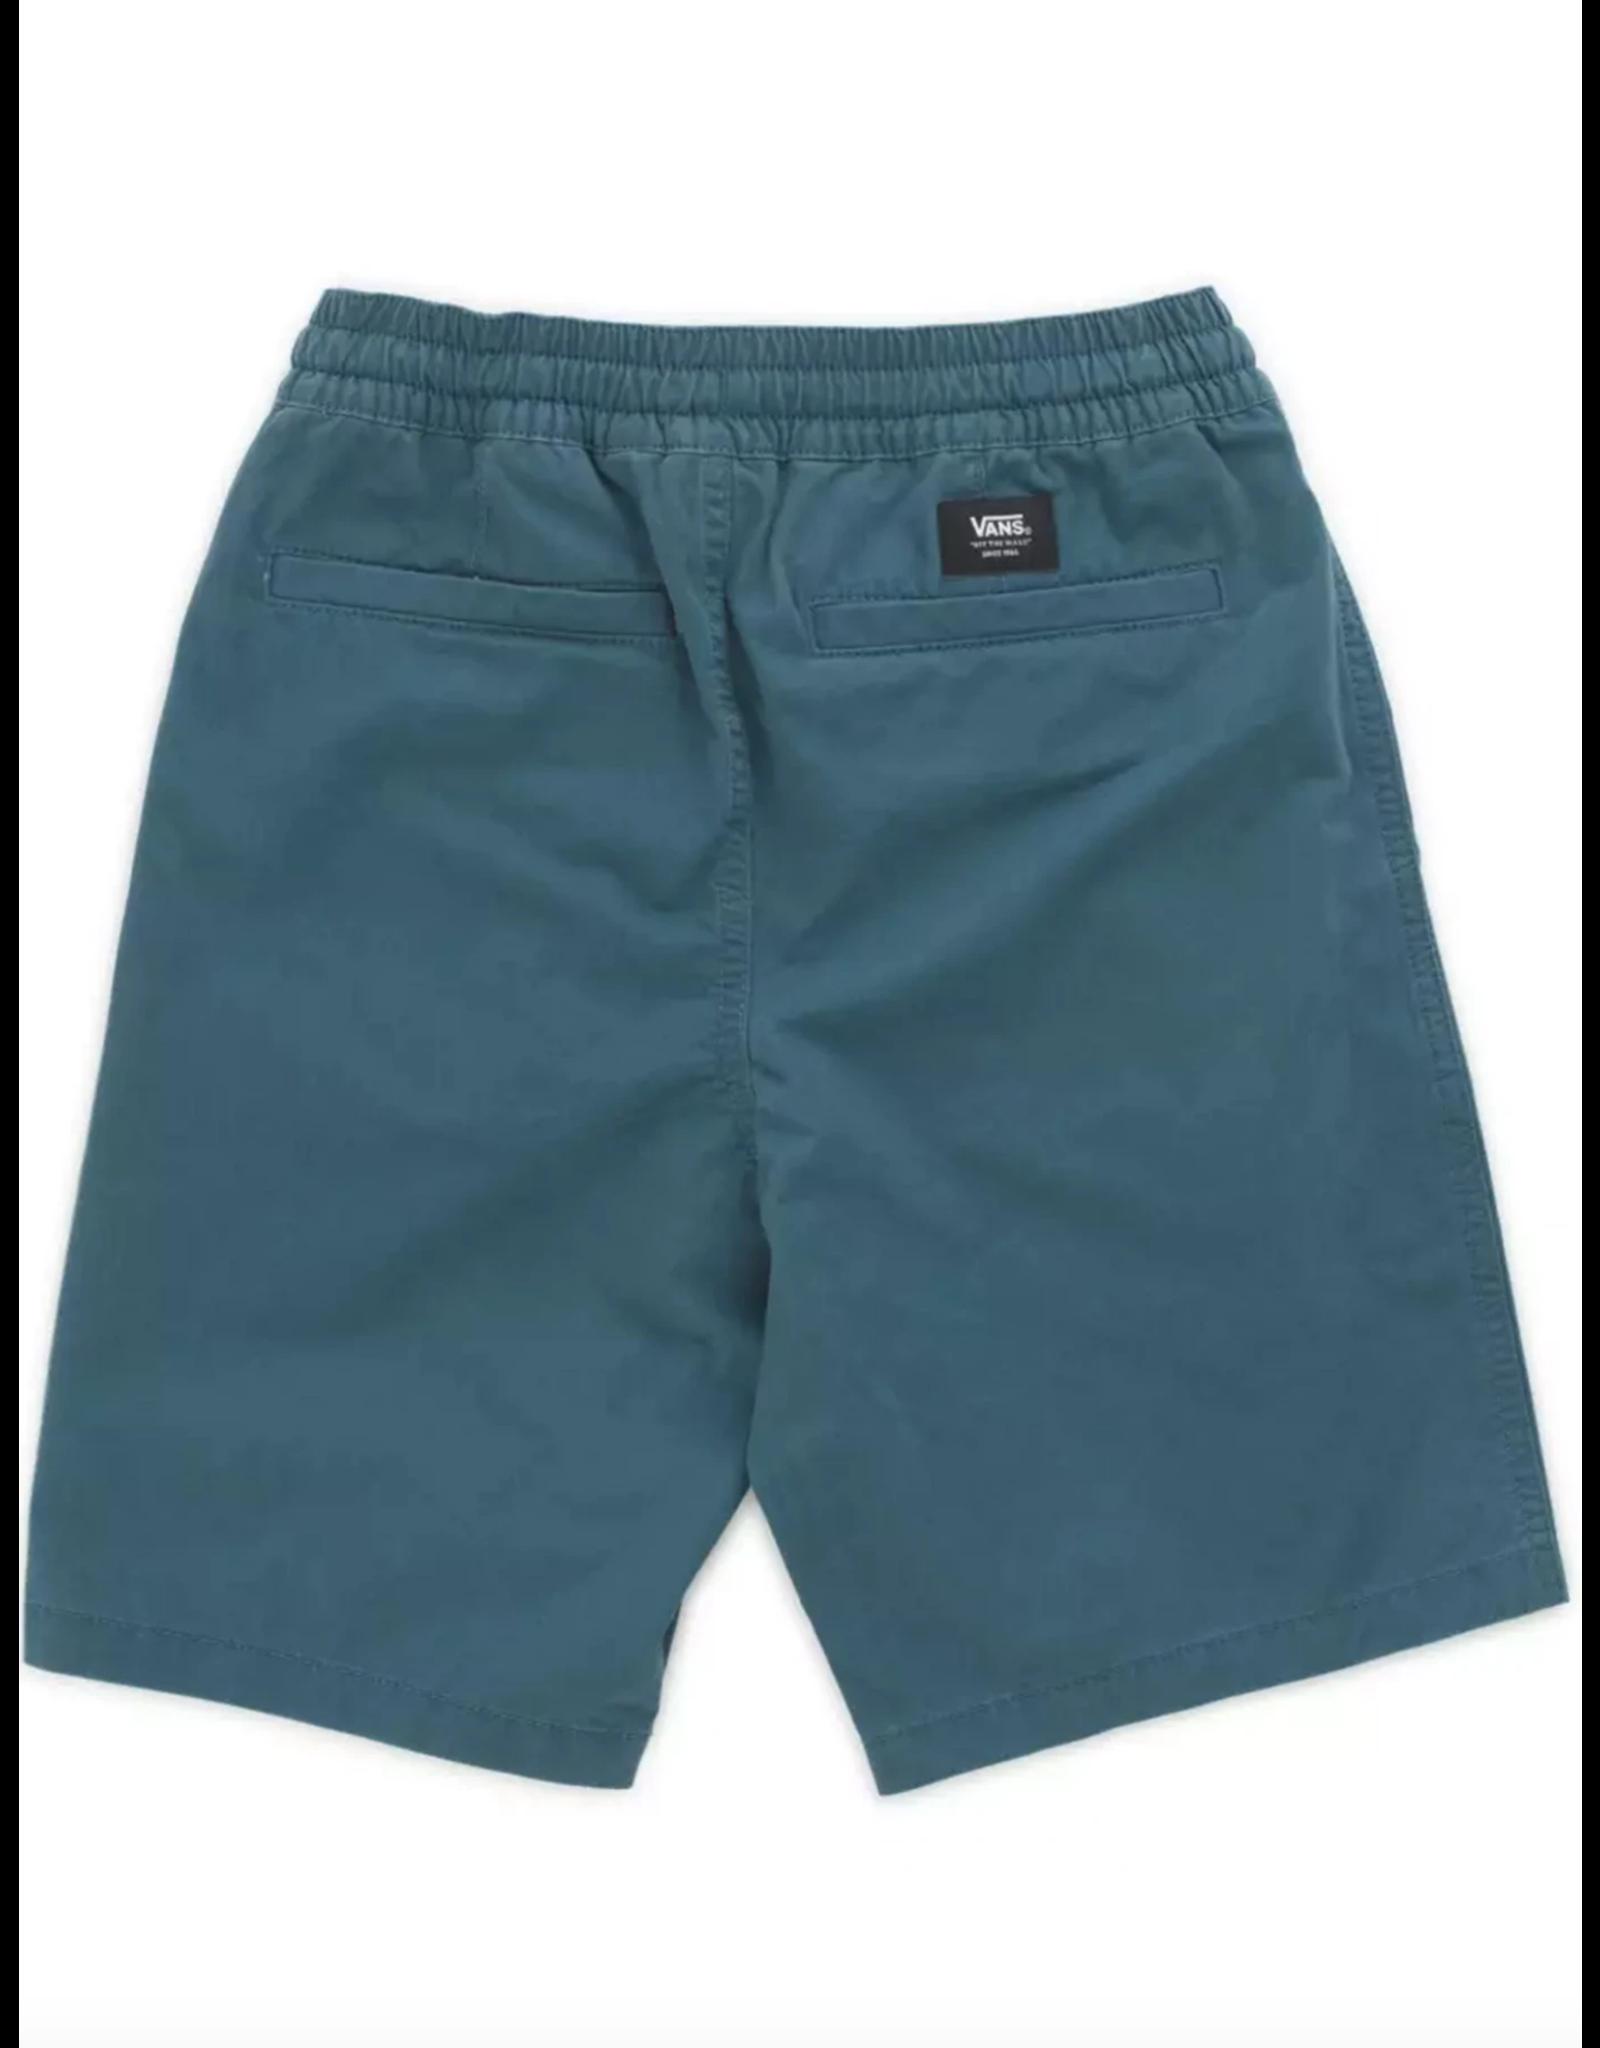 Vans Boys Range 17 Shorts - Stargazer